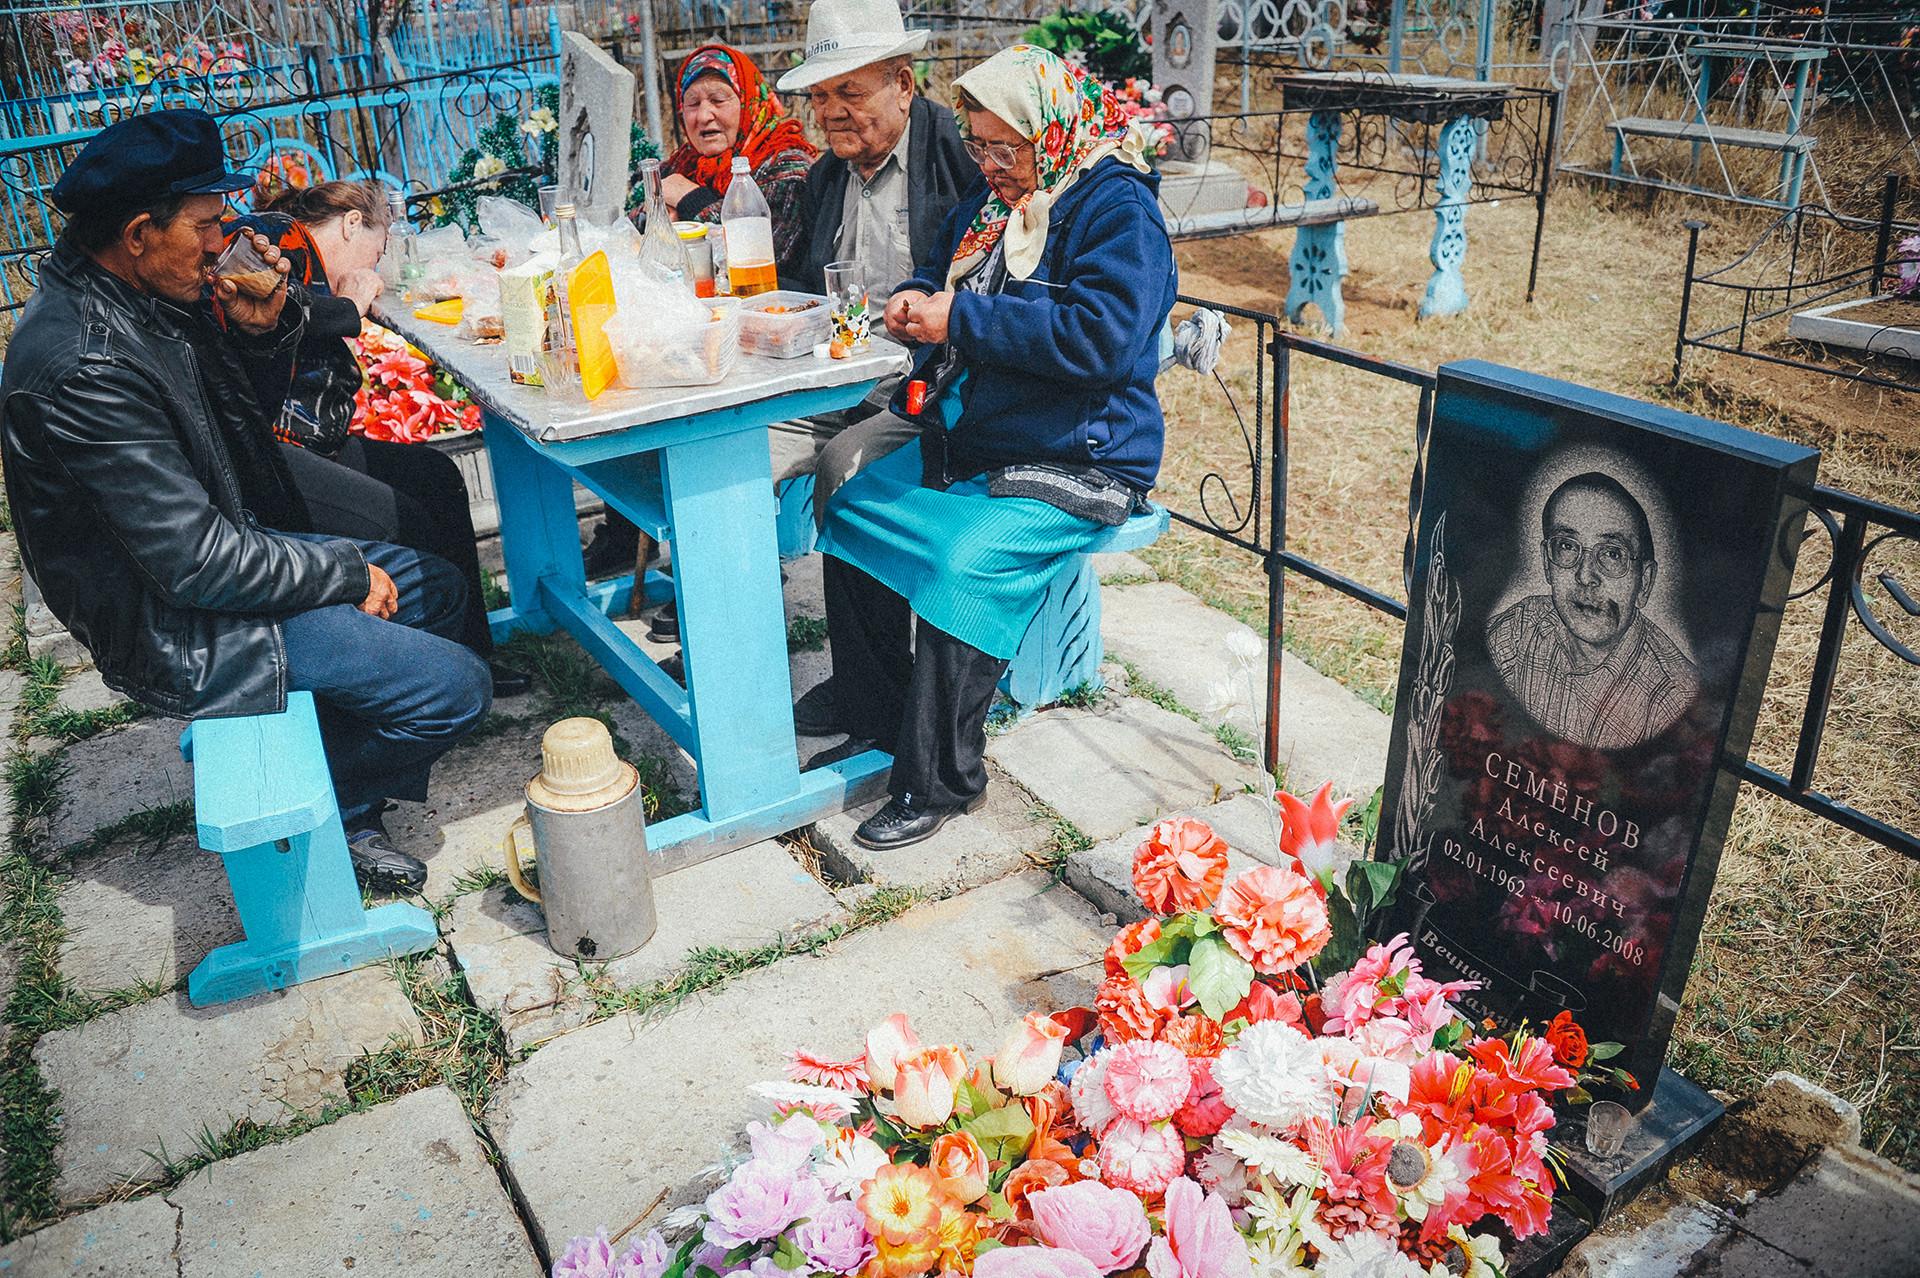 親戚のお墓で記念の食事をしている ロシア人たち